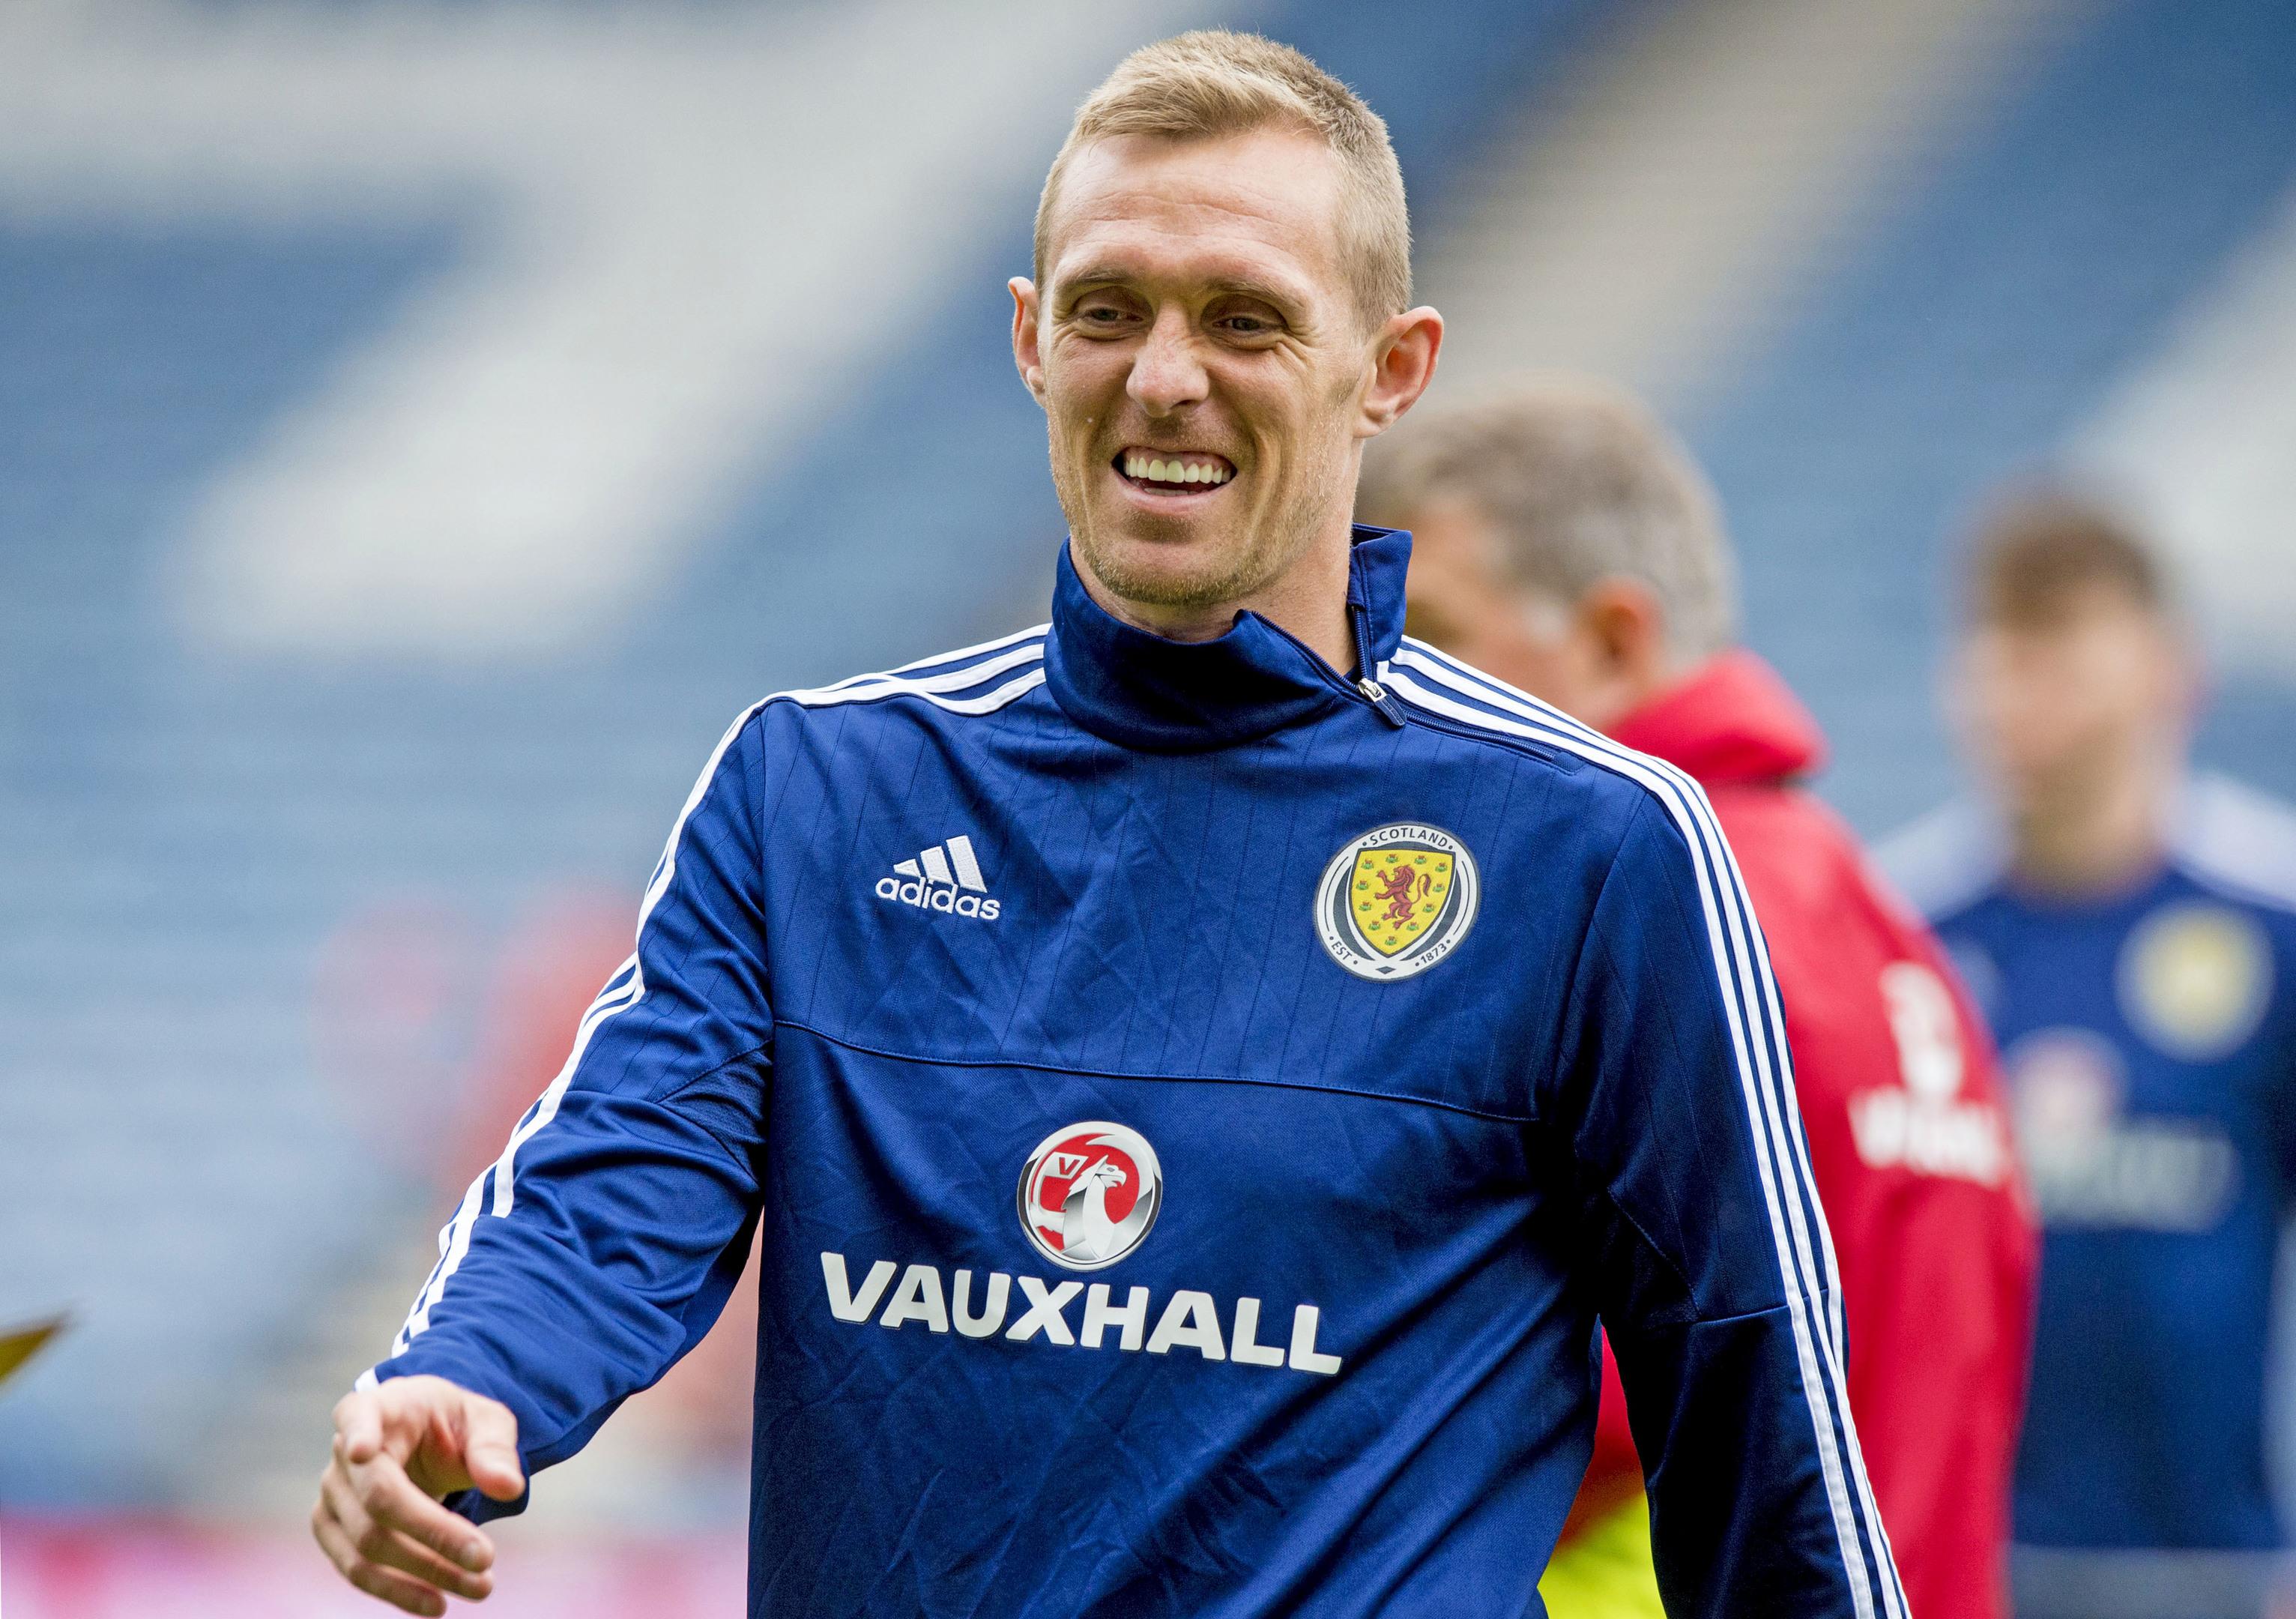 Scotland captain Darren Fletcher trains at Hampden before the Lithuania match.